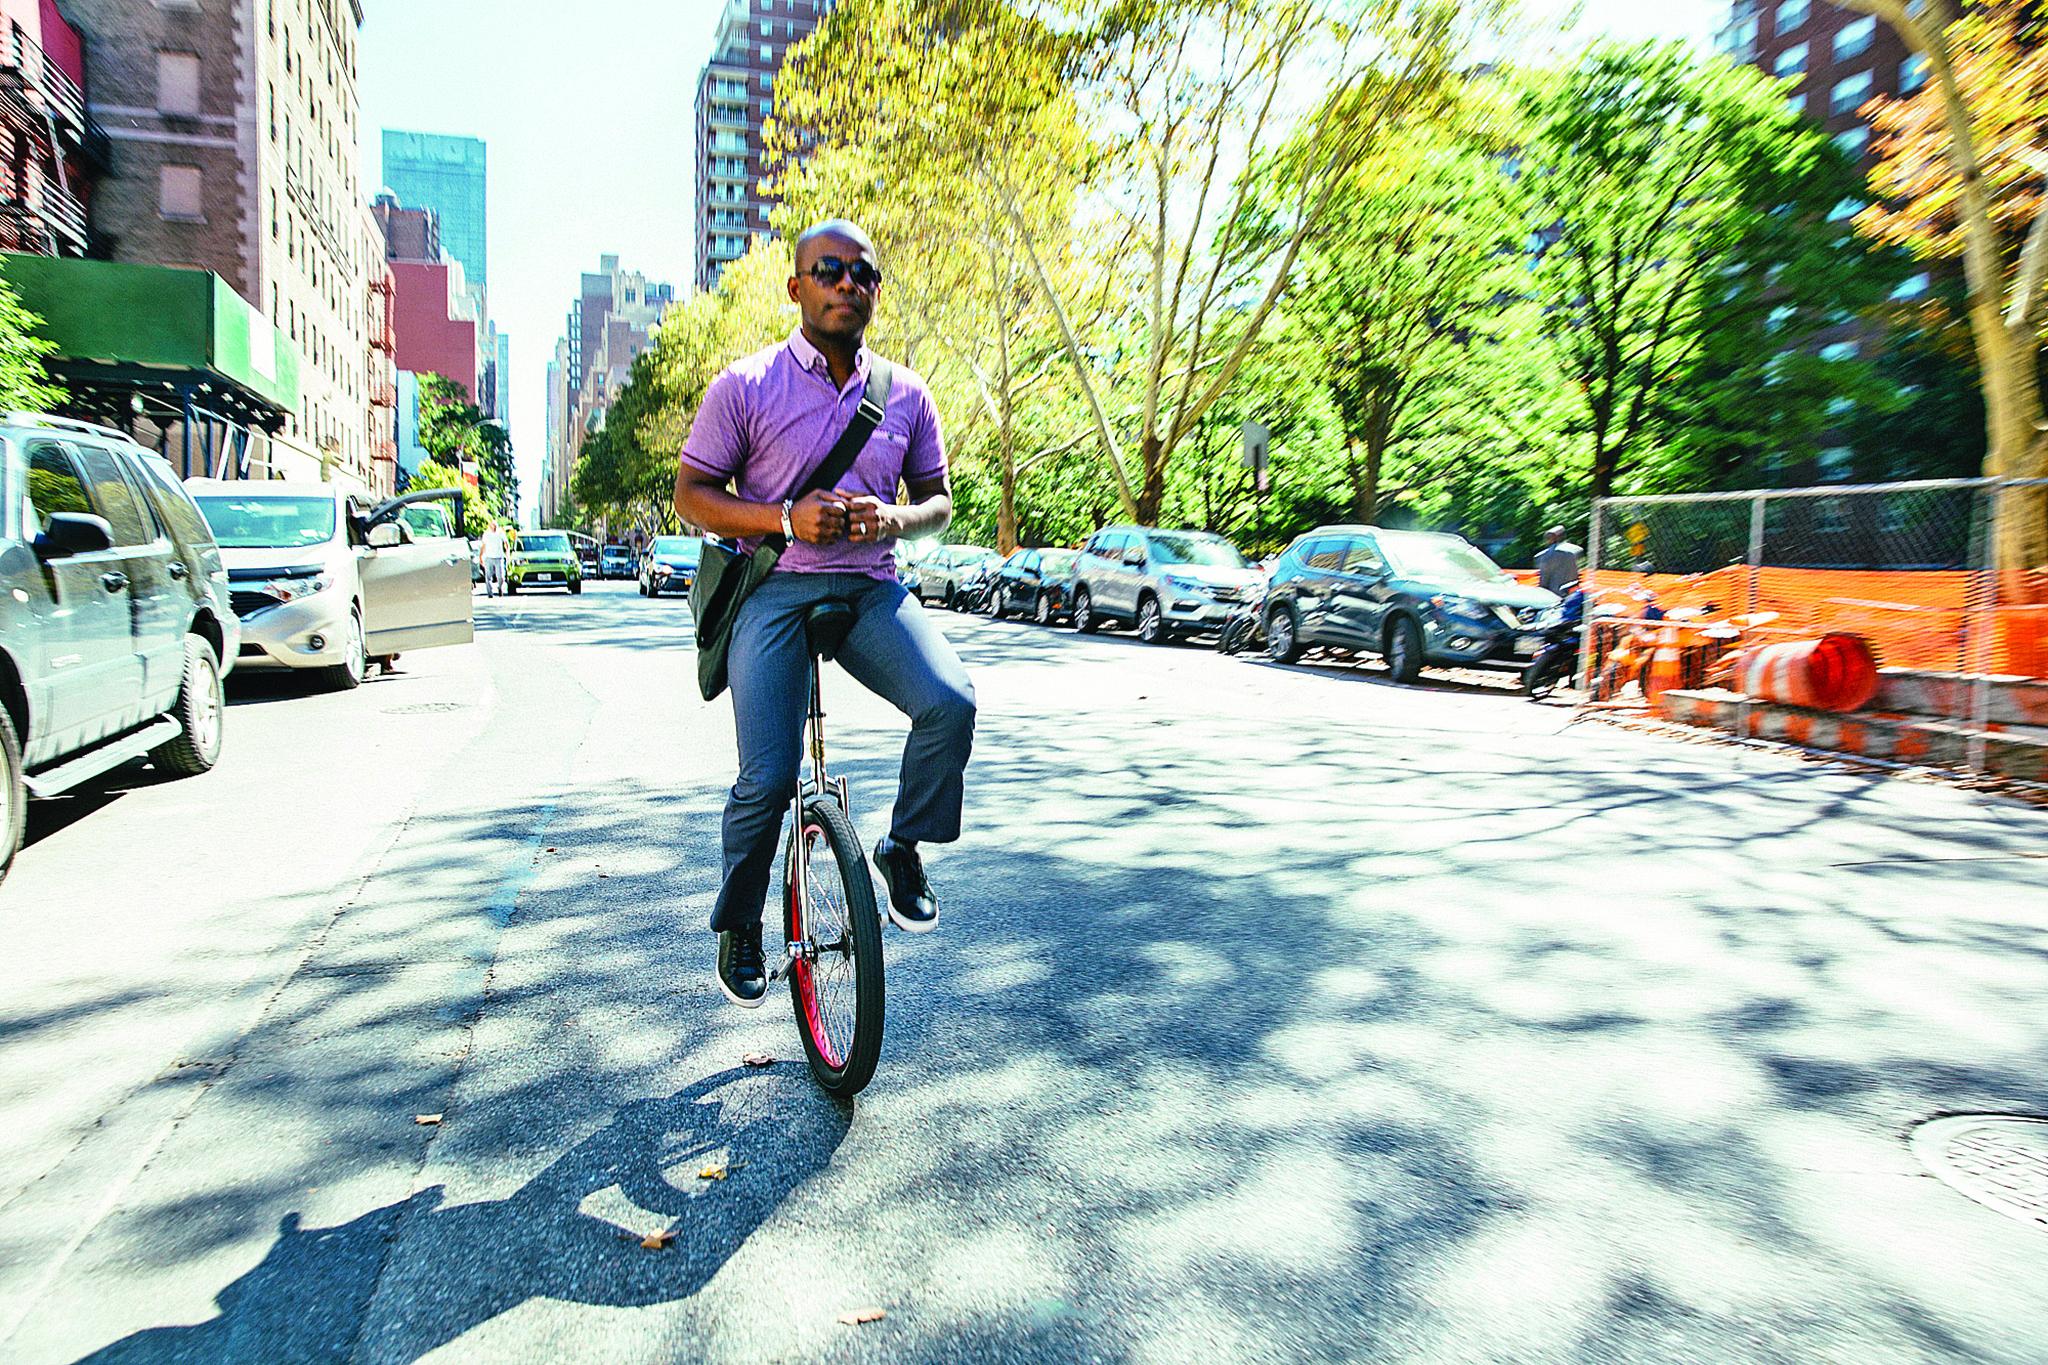 Kip Jones photographed in New York City on September 28, 2017